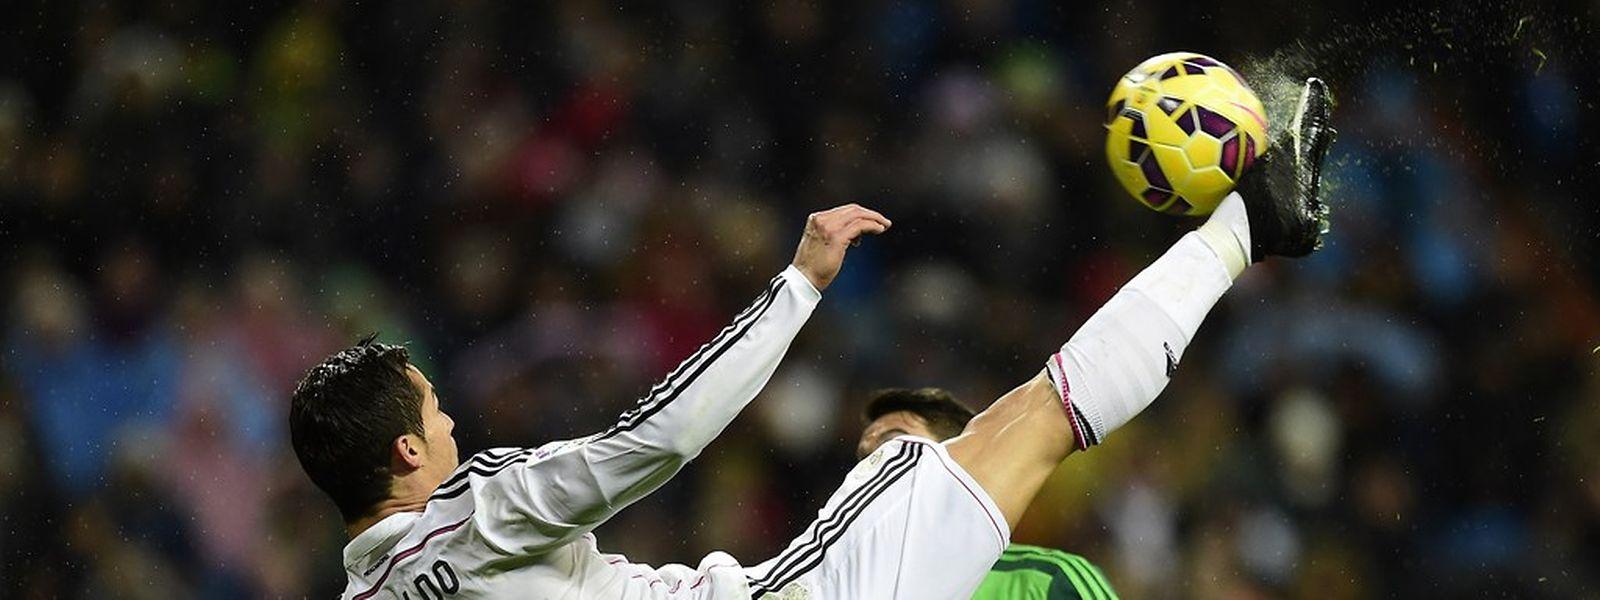 Cristiano Ronaldo continua a marcar e a quebrar recordes